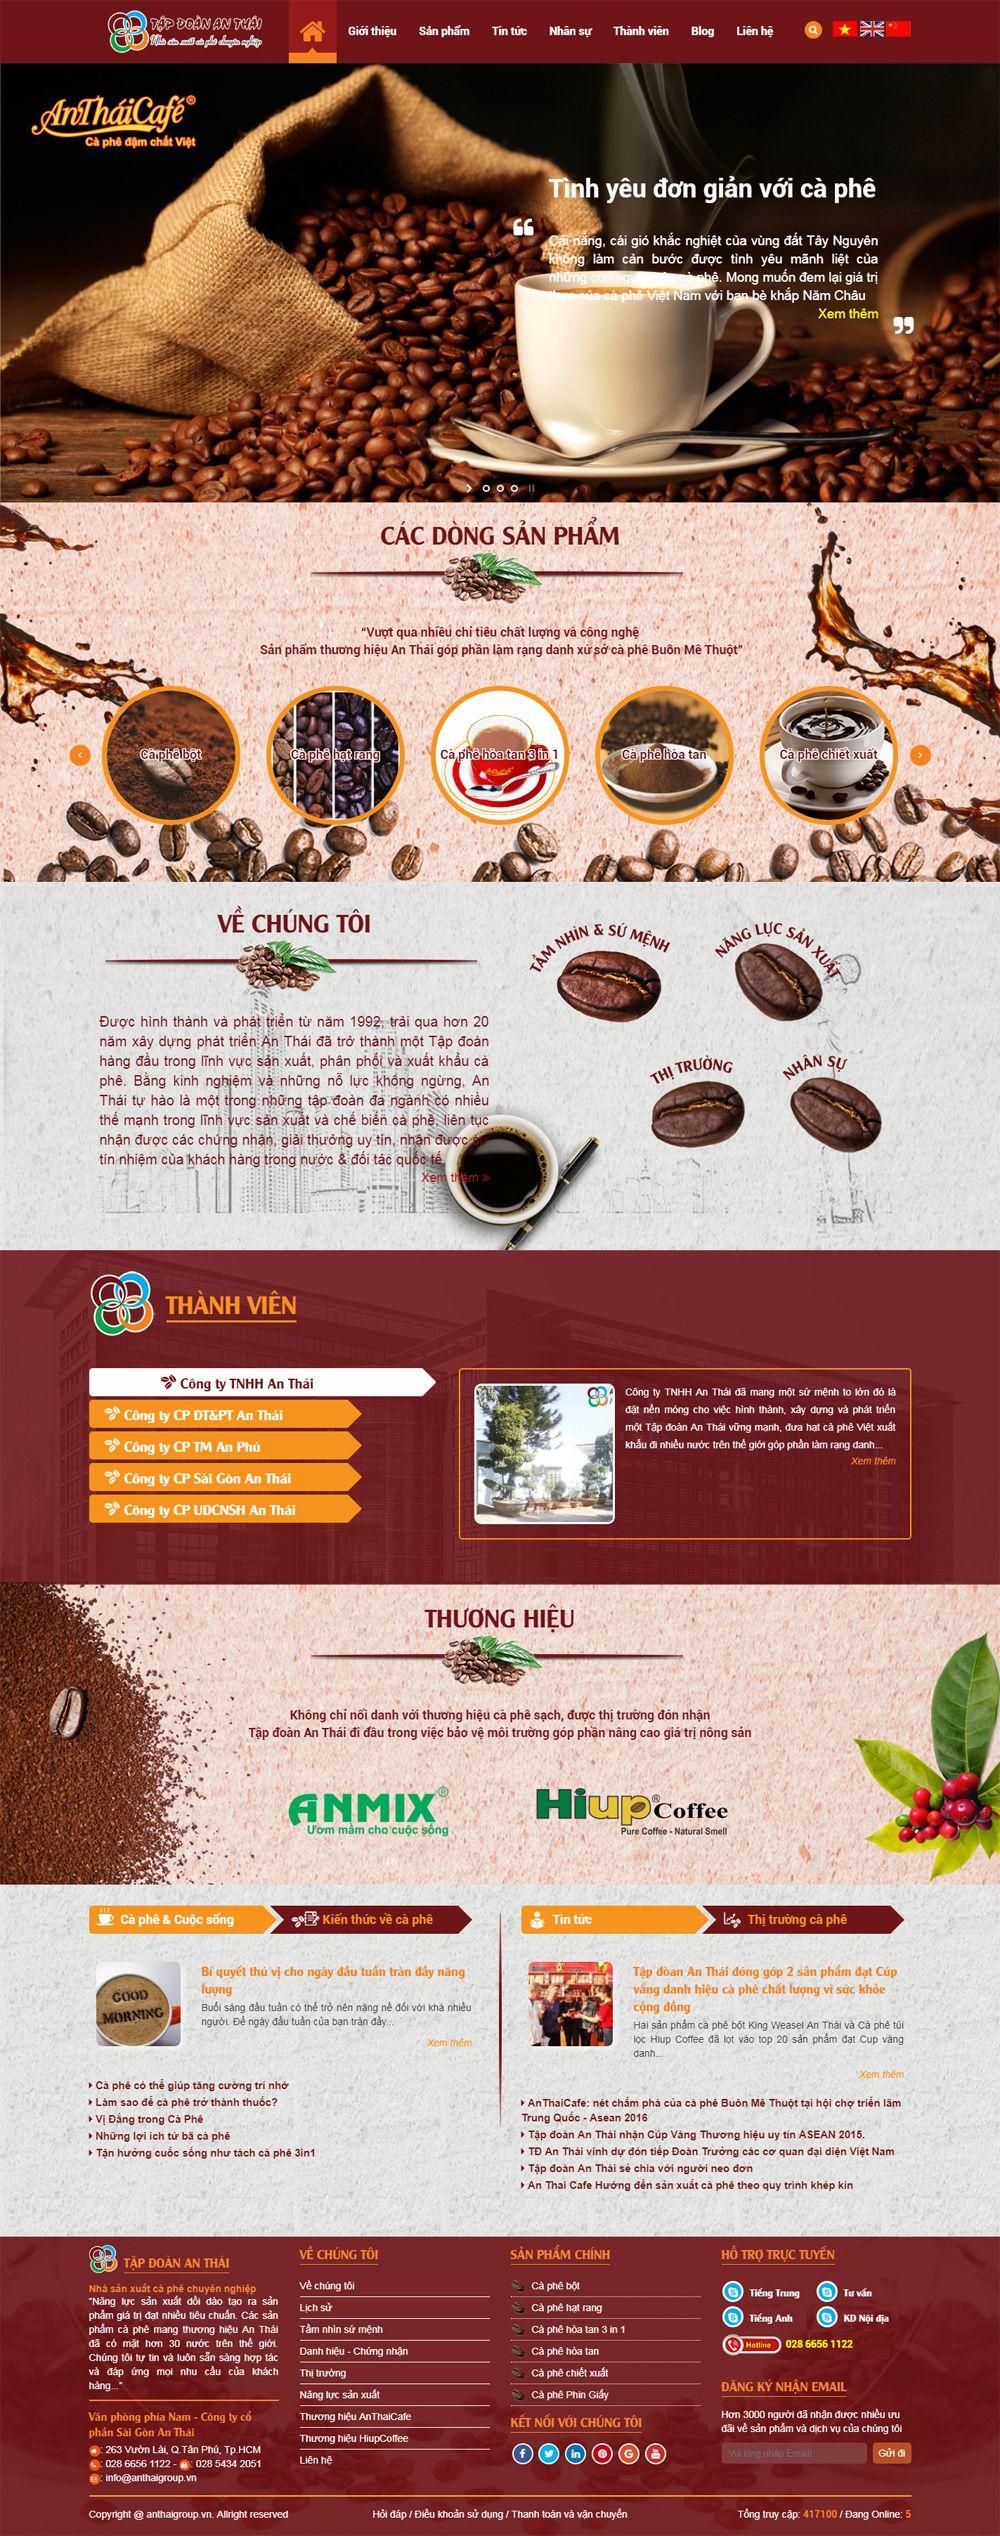 MS3 - Mẫu website bán cà phê